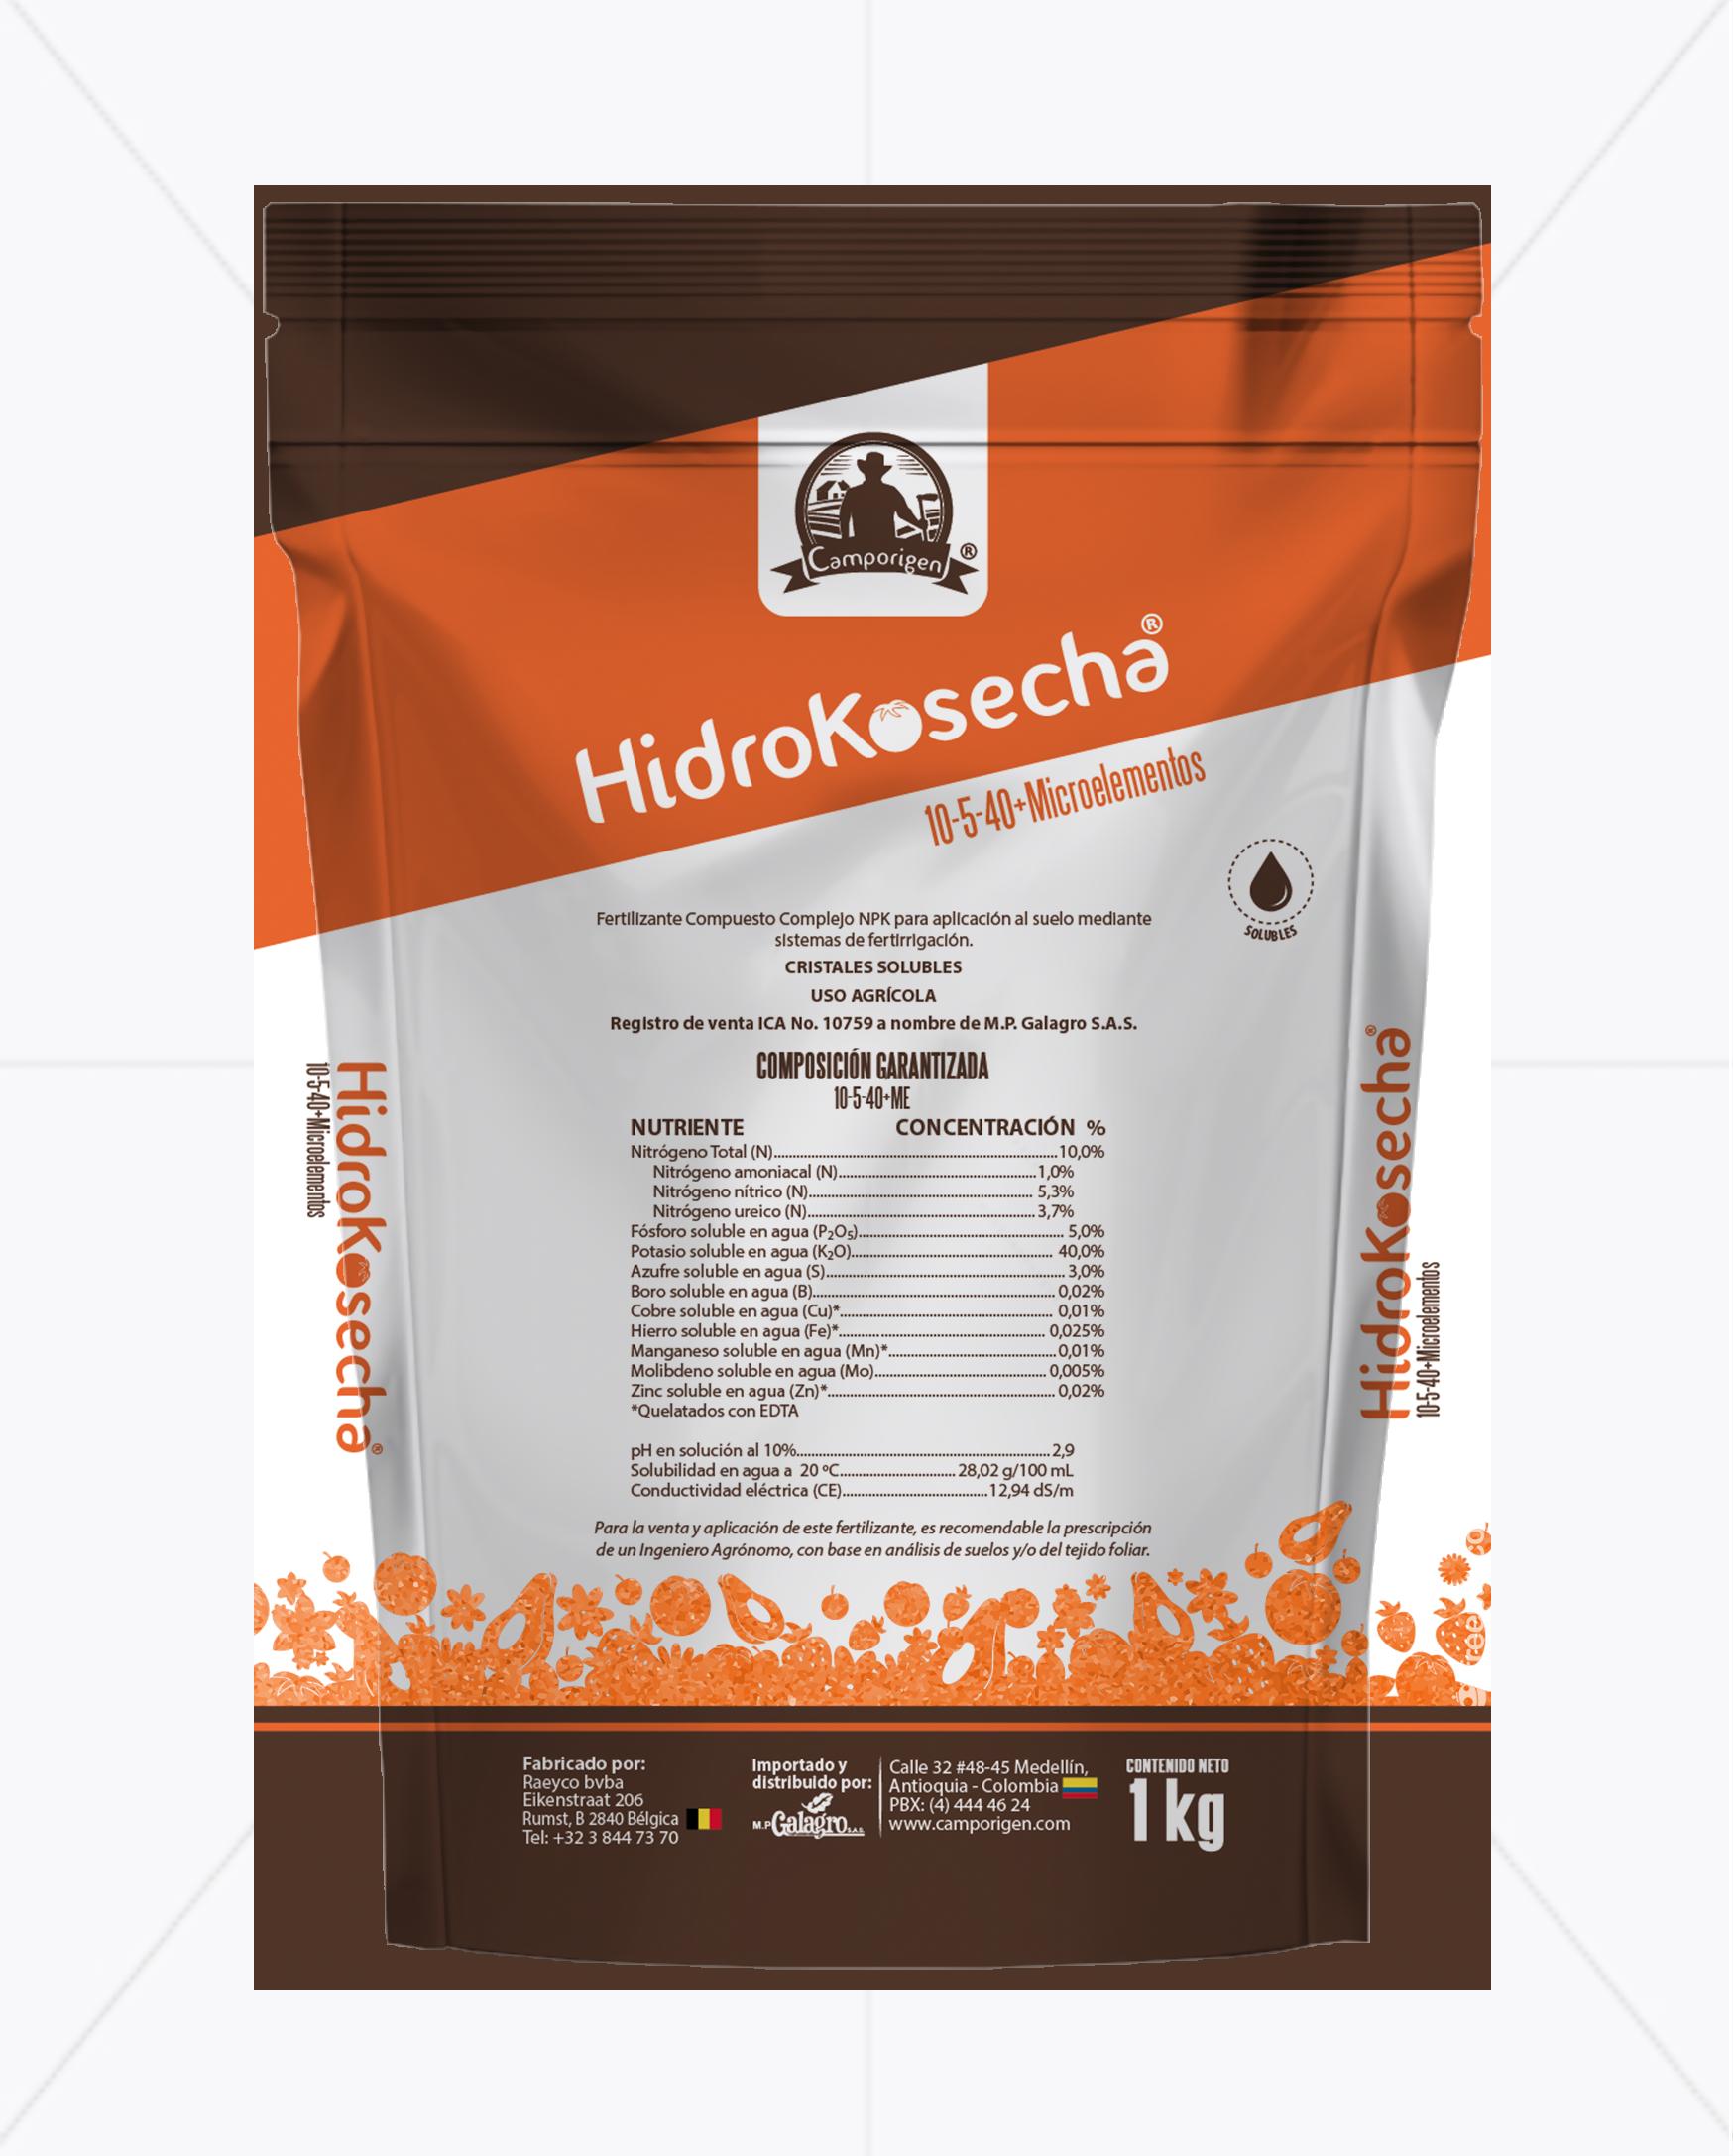 111634-Hidrokosecha-1-kg.png